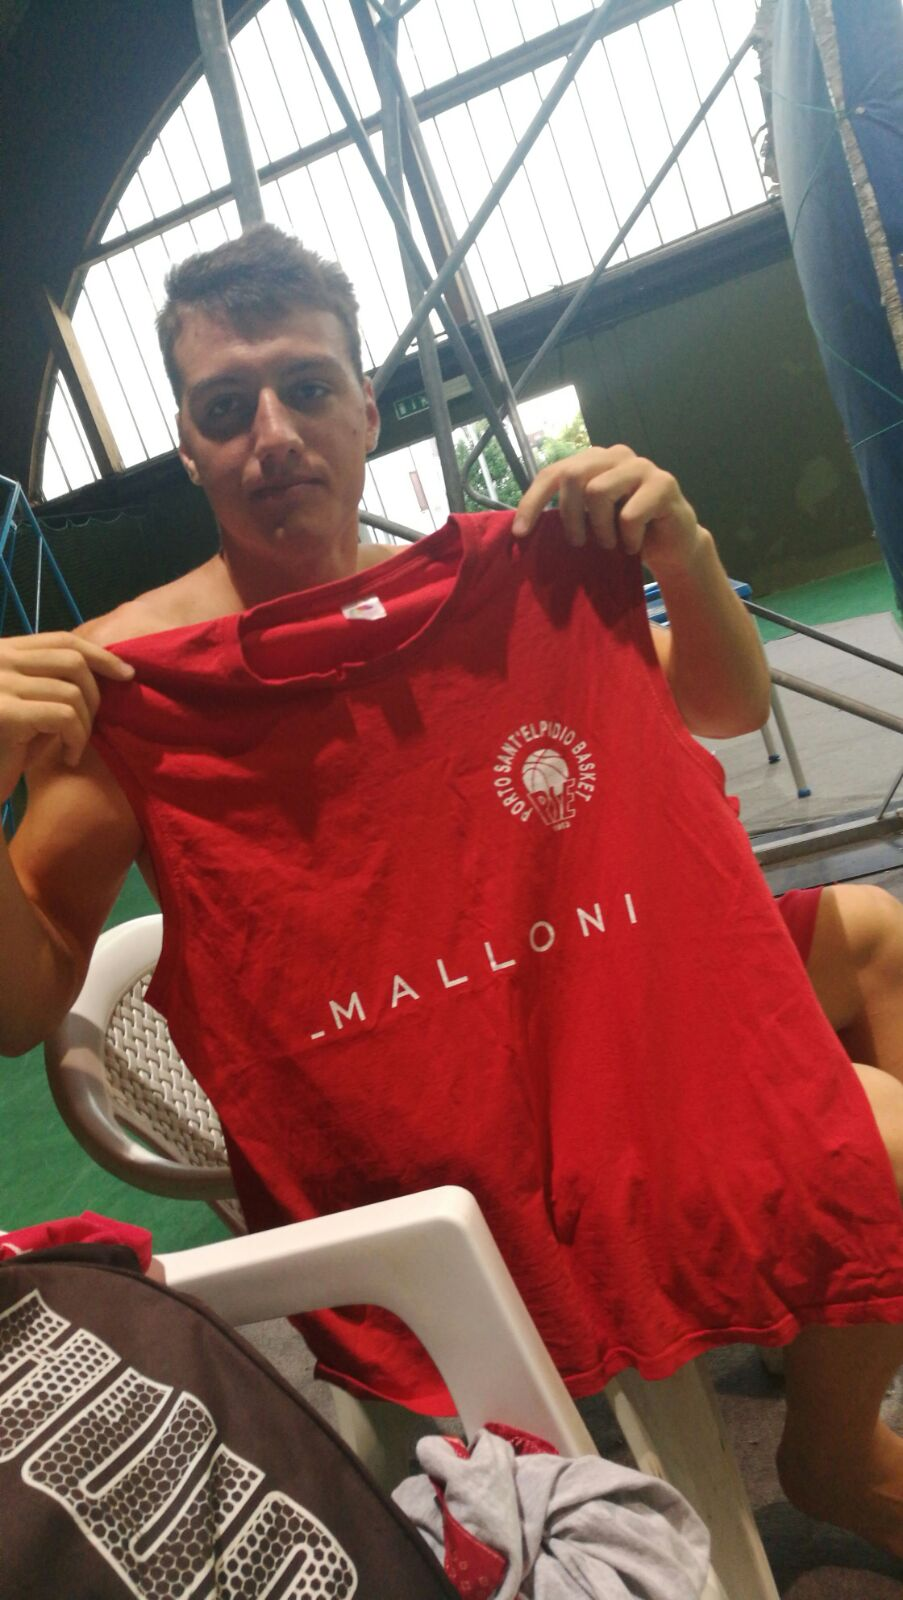 La Malloni P.S.Elpidio chiude il roster con Elia Bravi